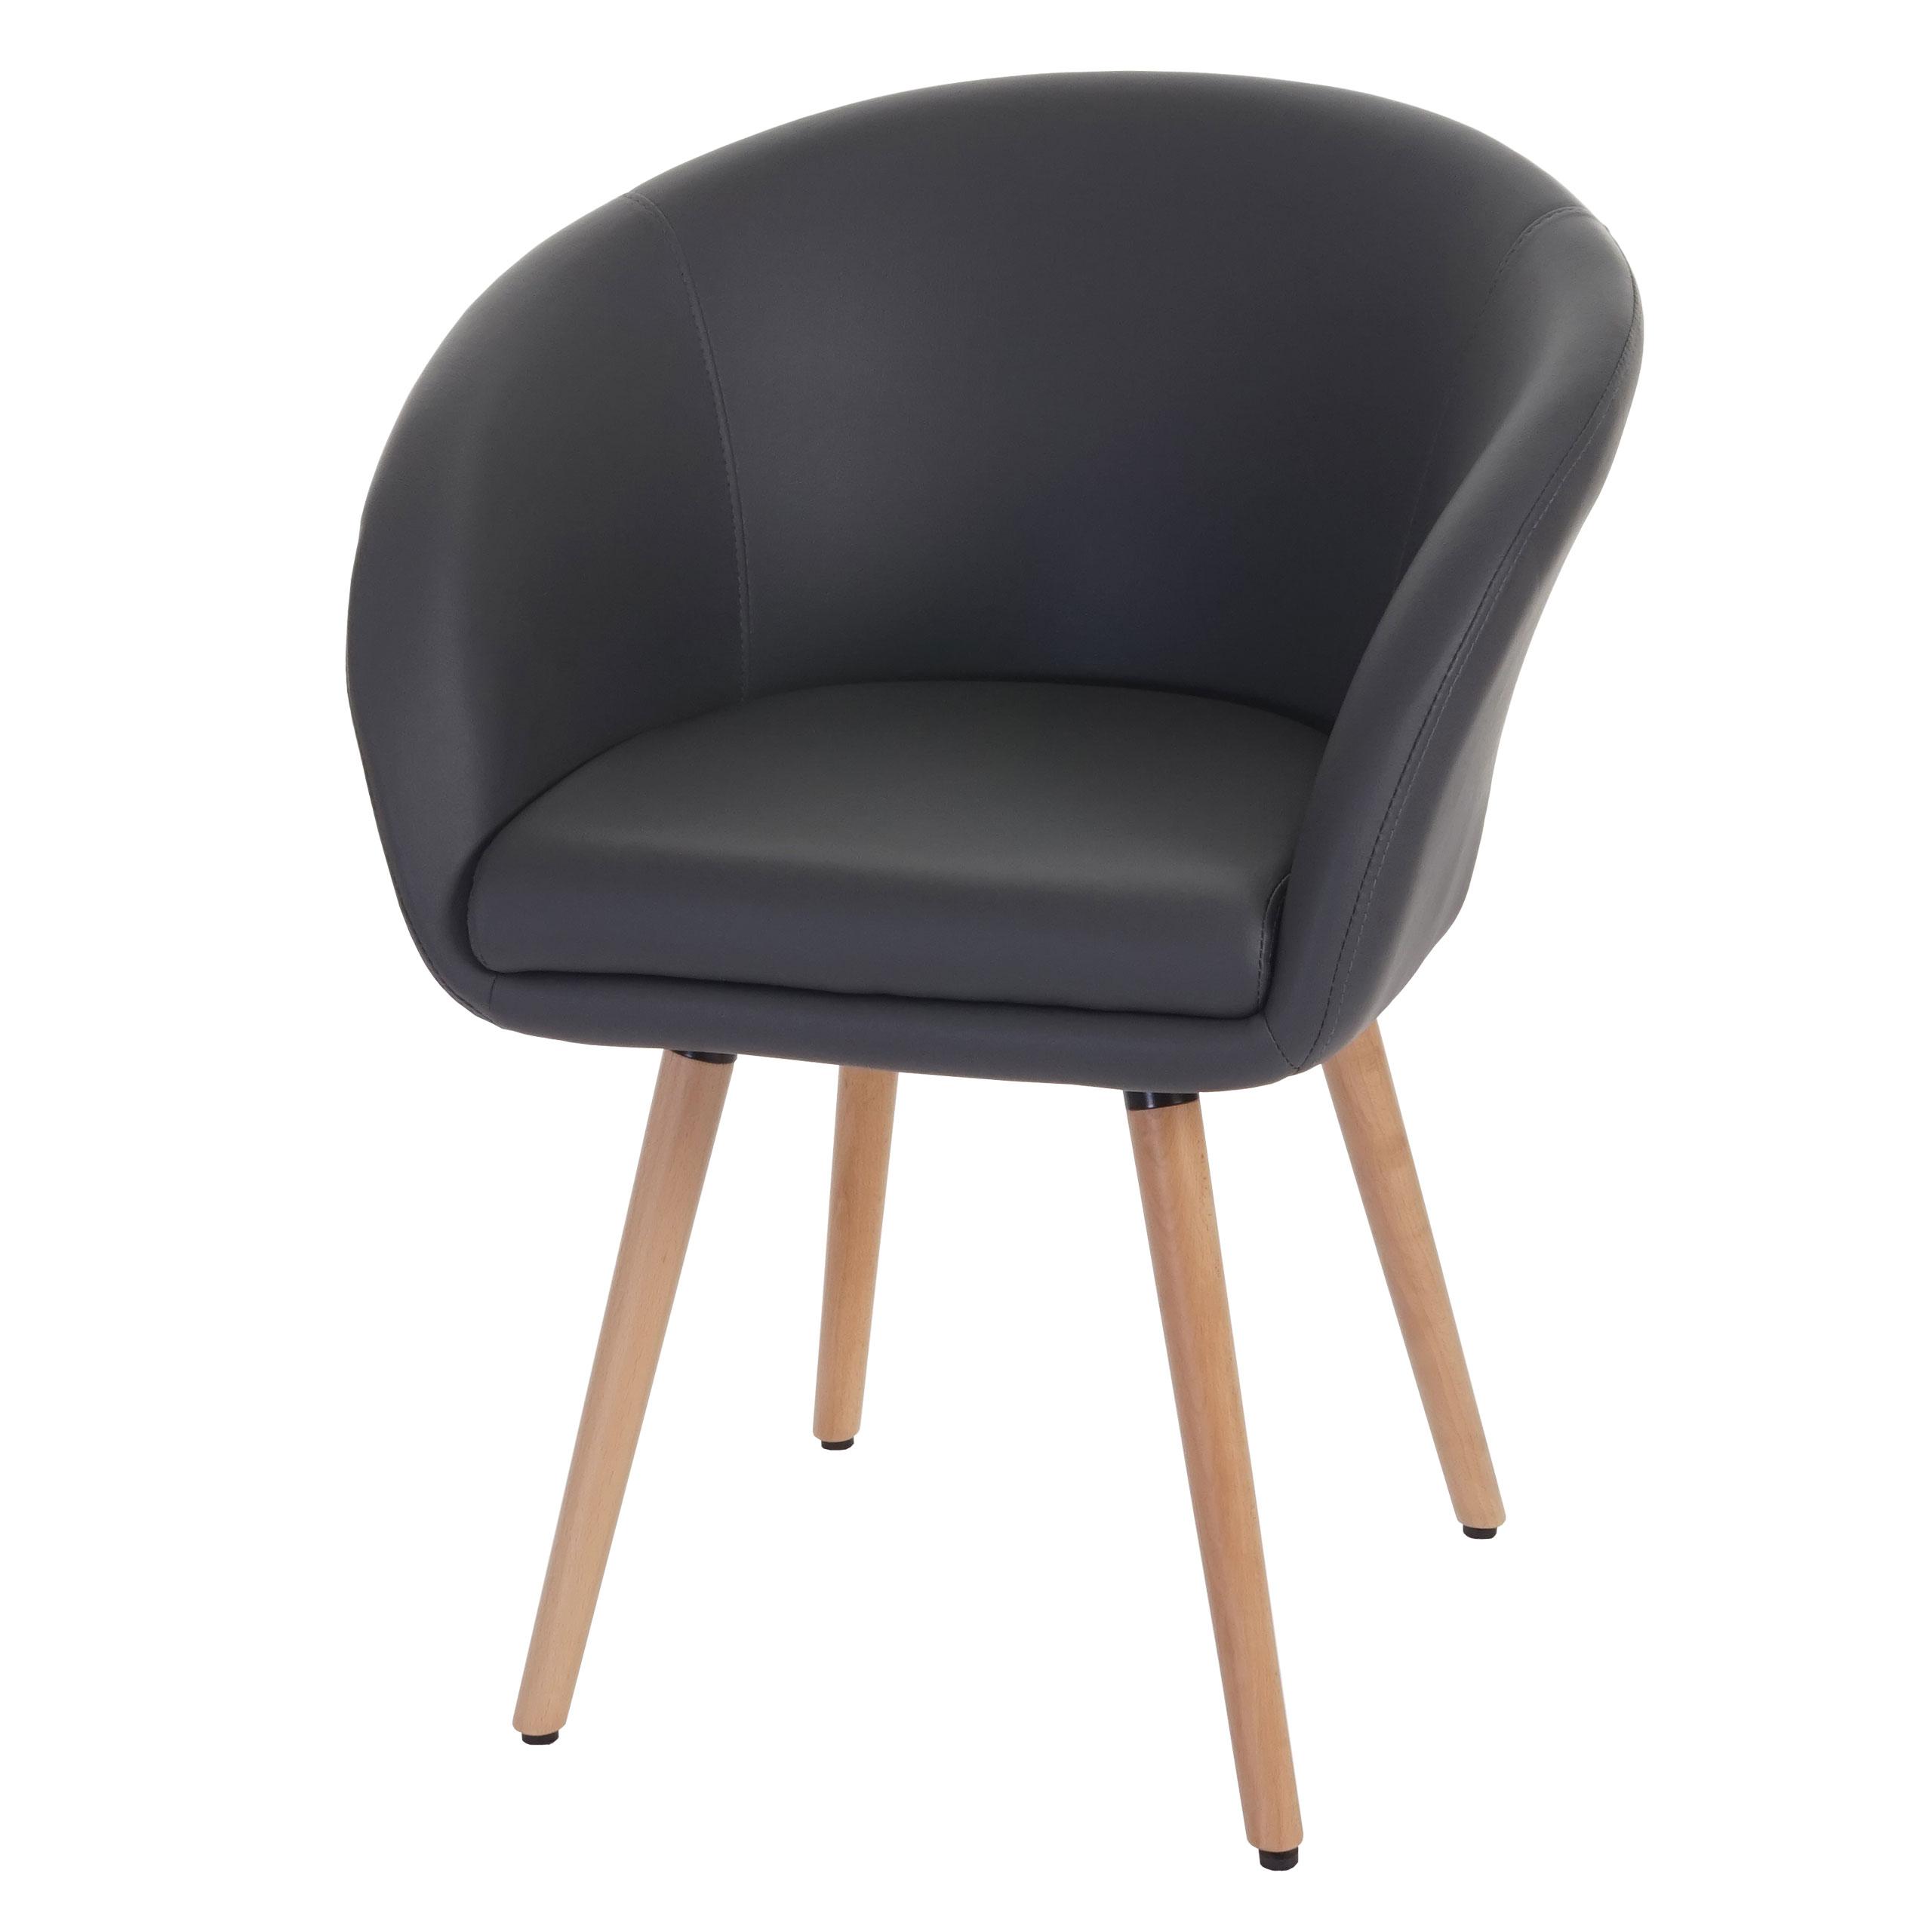 esszimmerstuhl malm t633 stuhl lehnstuhl retro 50er jahre design ebay. Black Bedroom Furniture Sets. Home Design Ideas